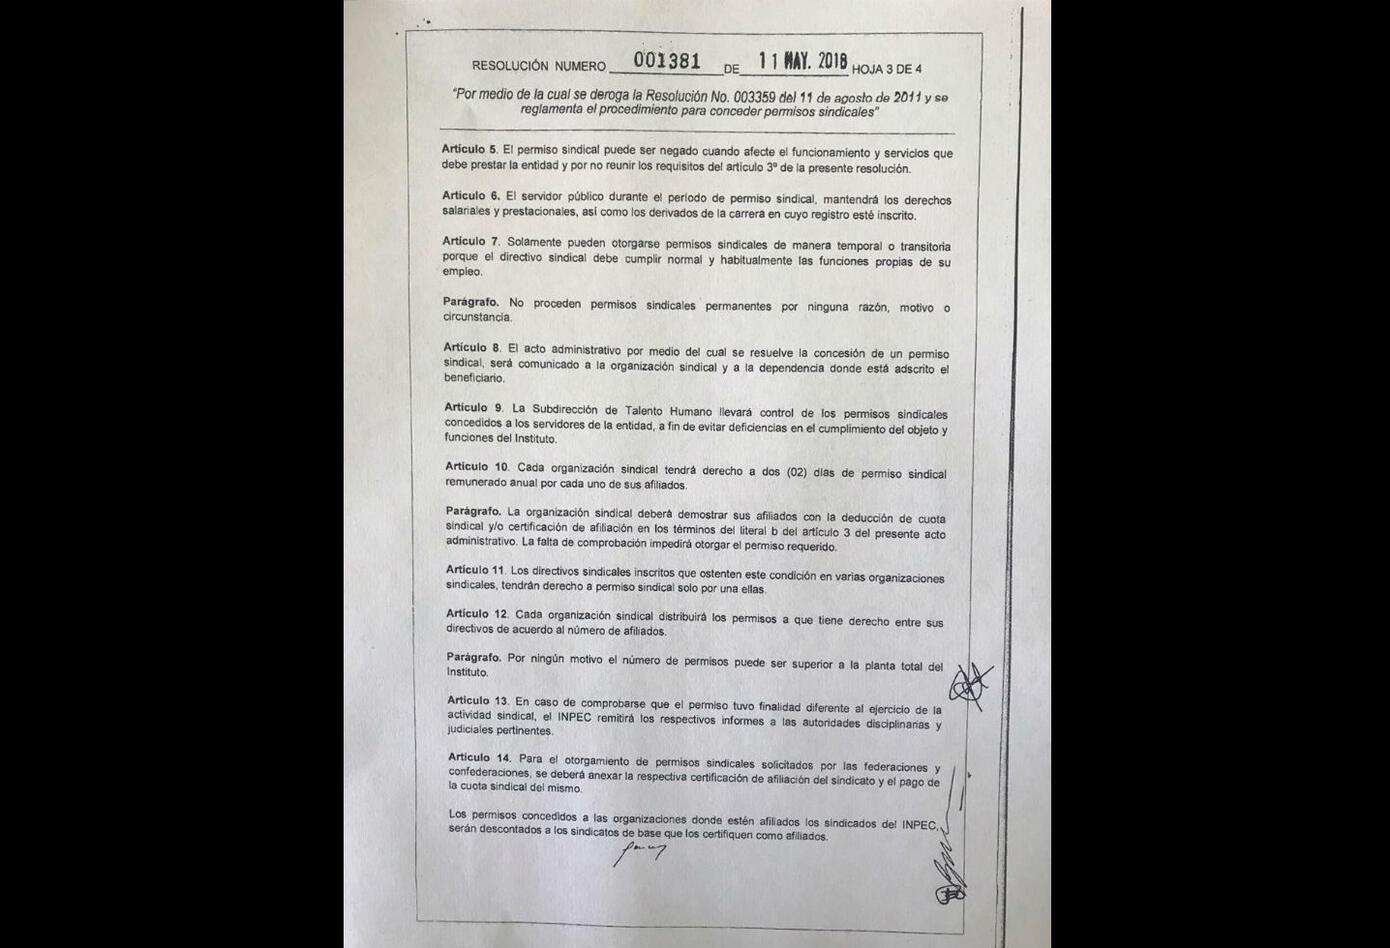 Carta del Inpec sobre permisos sindicales